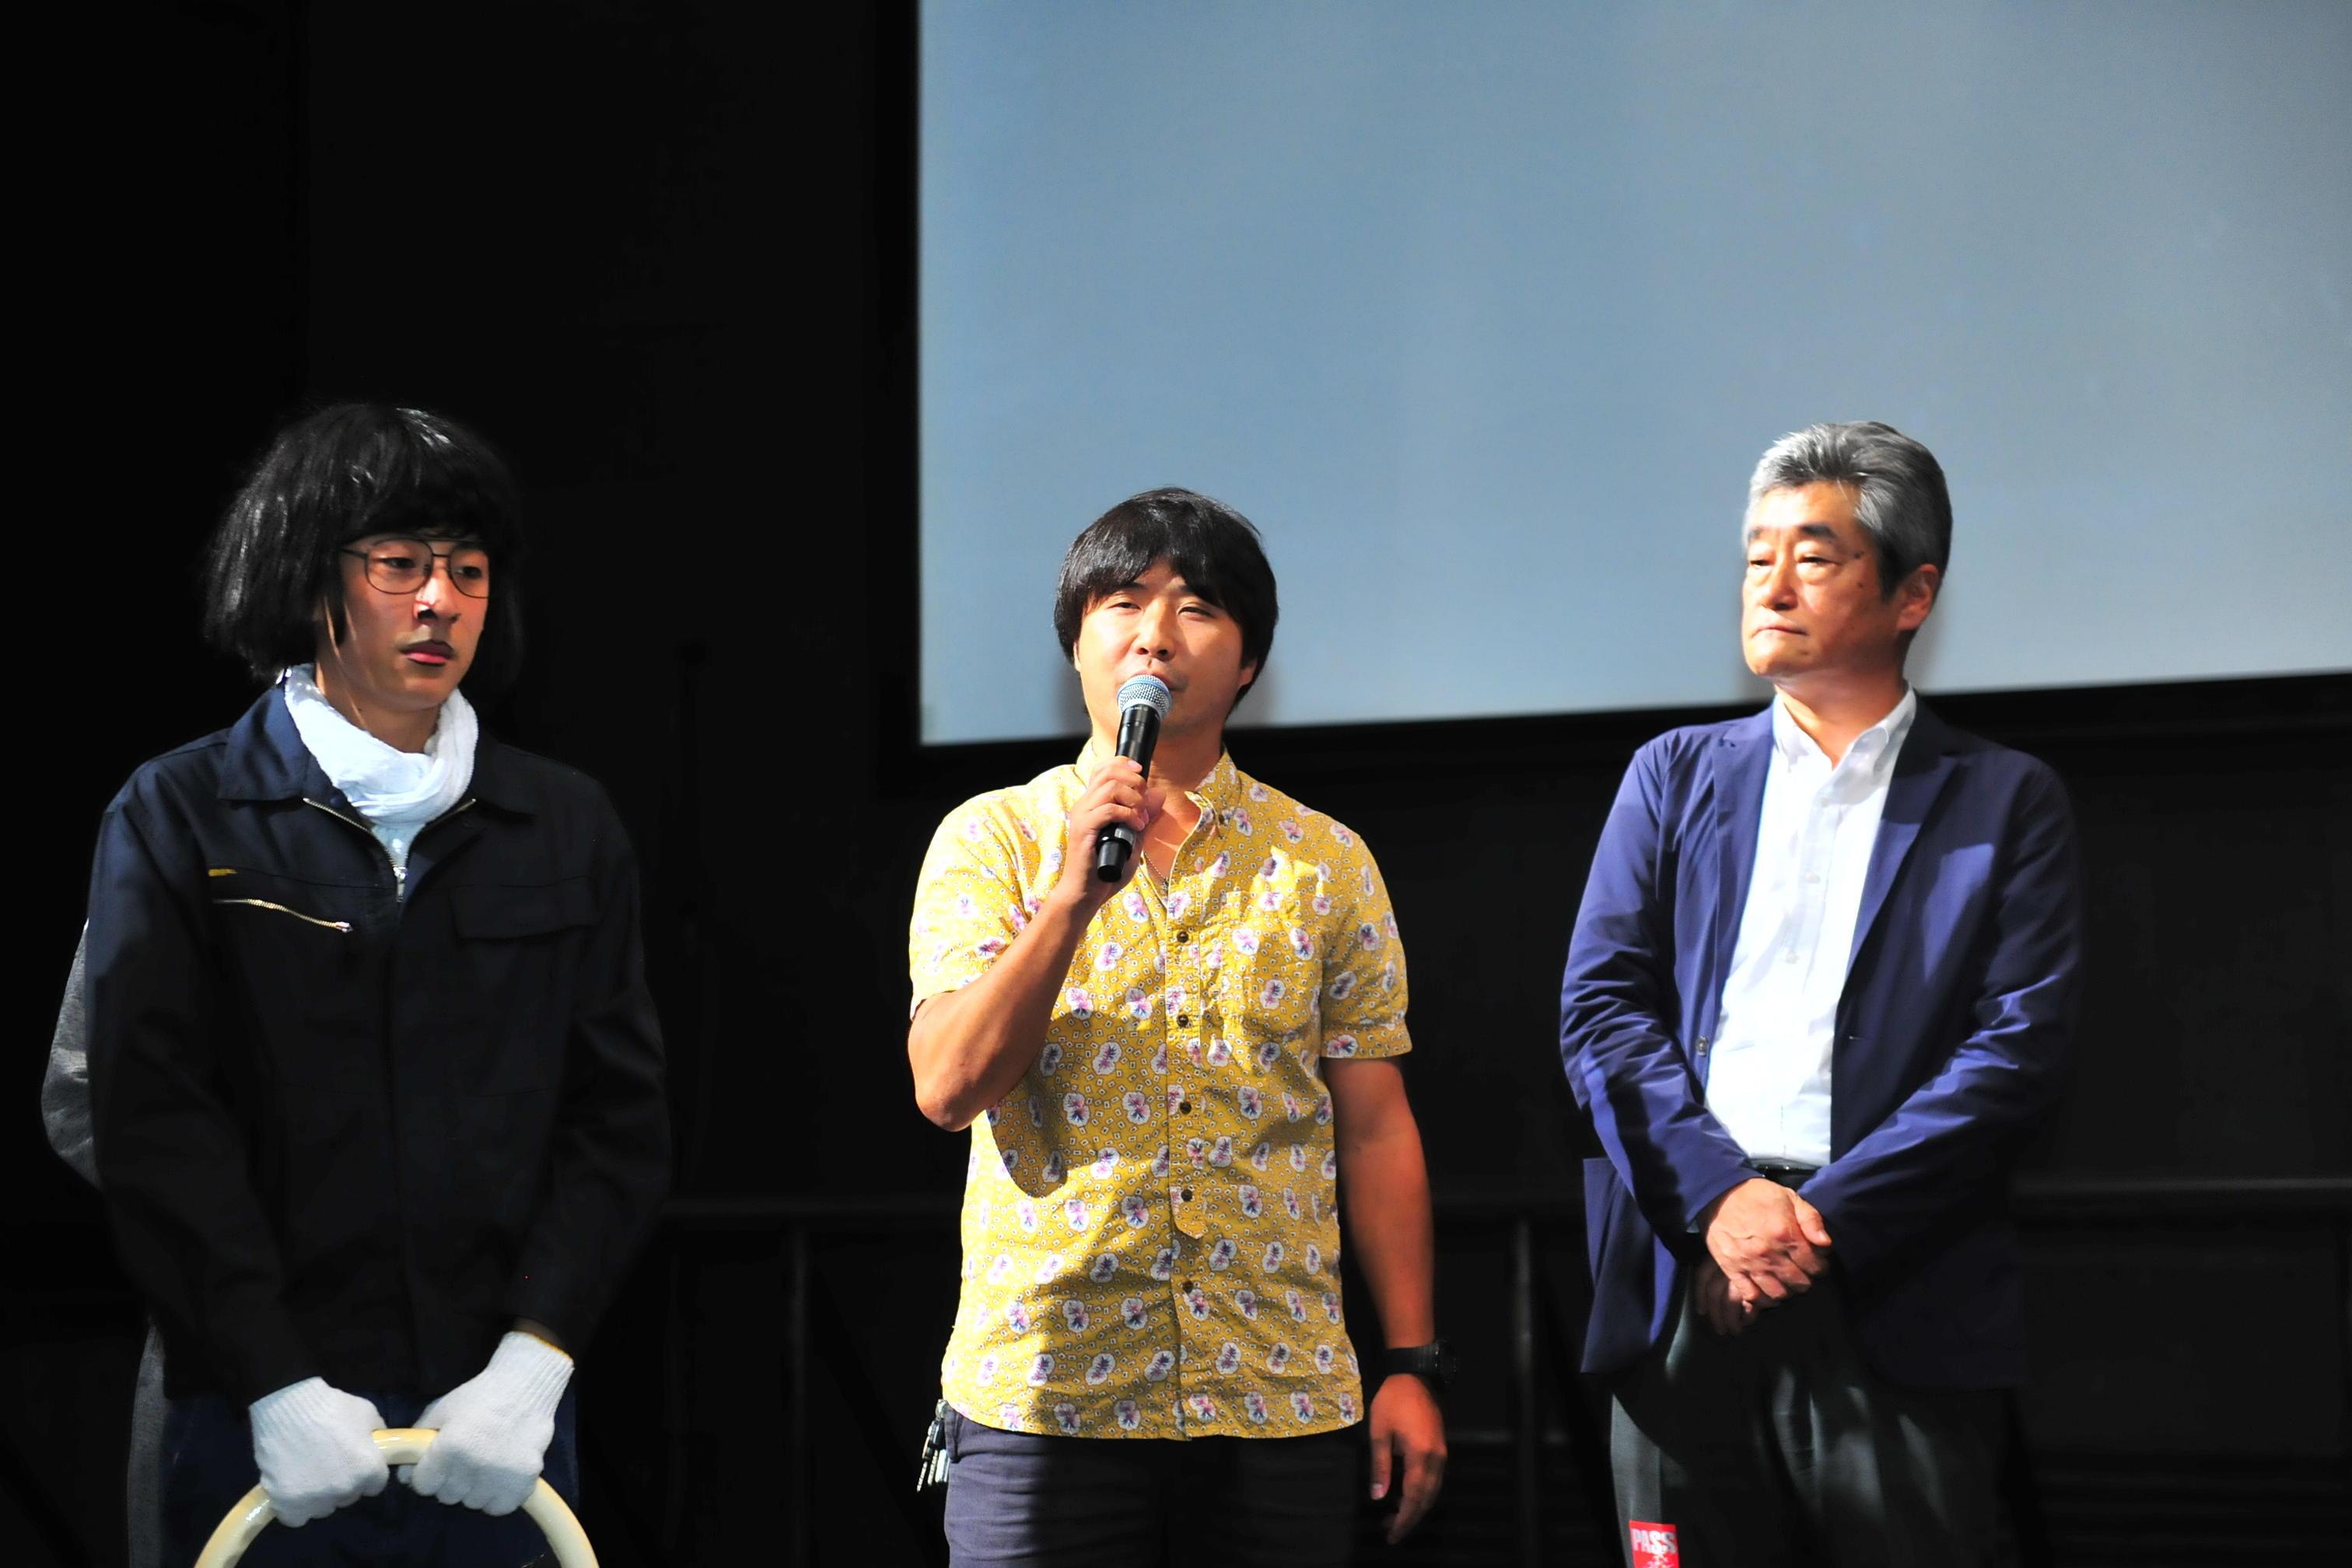 http://news.yoshimoto.co.jp/20160730192218-9a6069a6b3c57e207f6d2631d8a0a4c666d01661.jpg